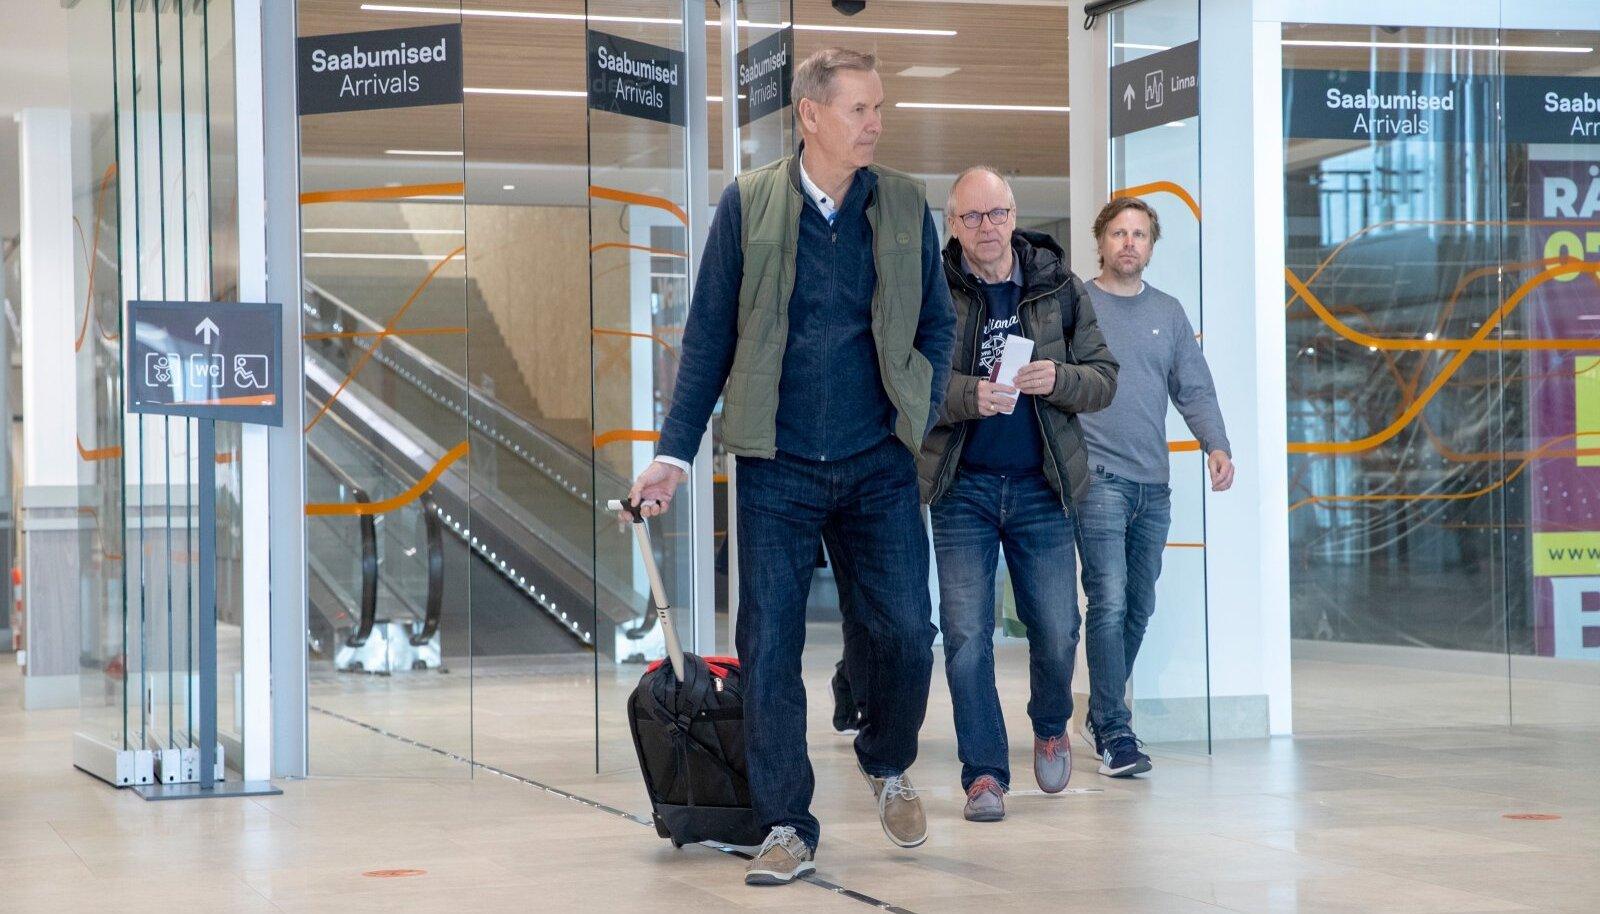 Soome, reisivad ja Soomest Eestisse saabuvad inimesed